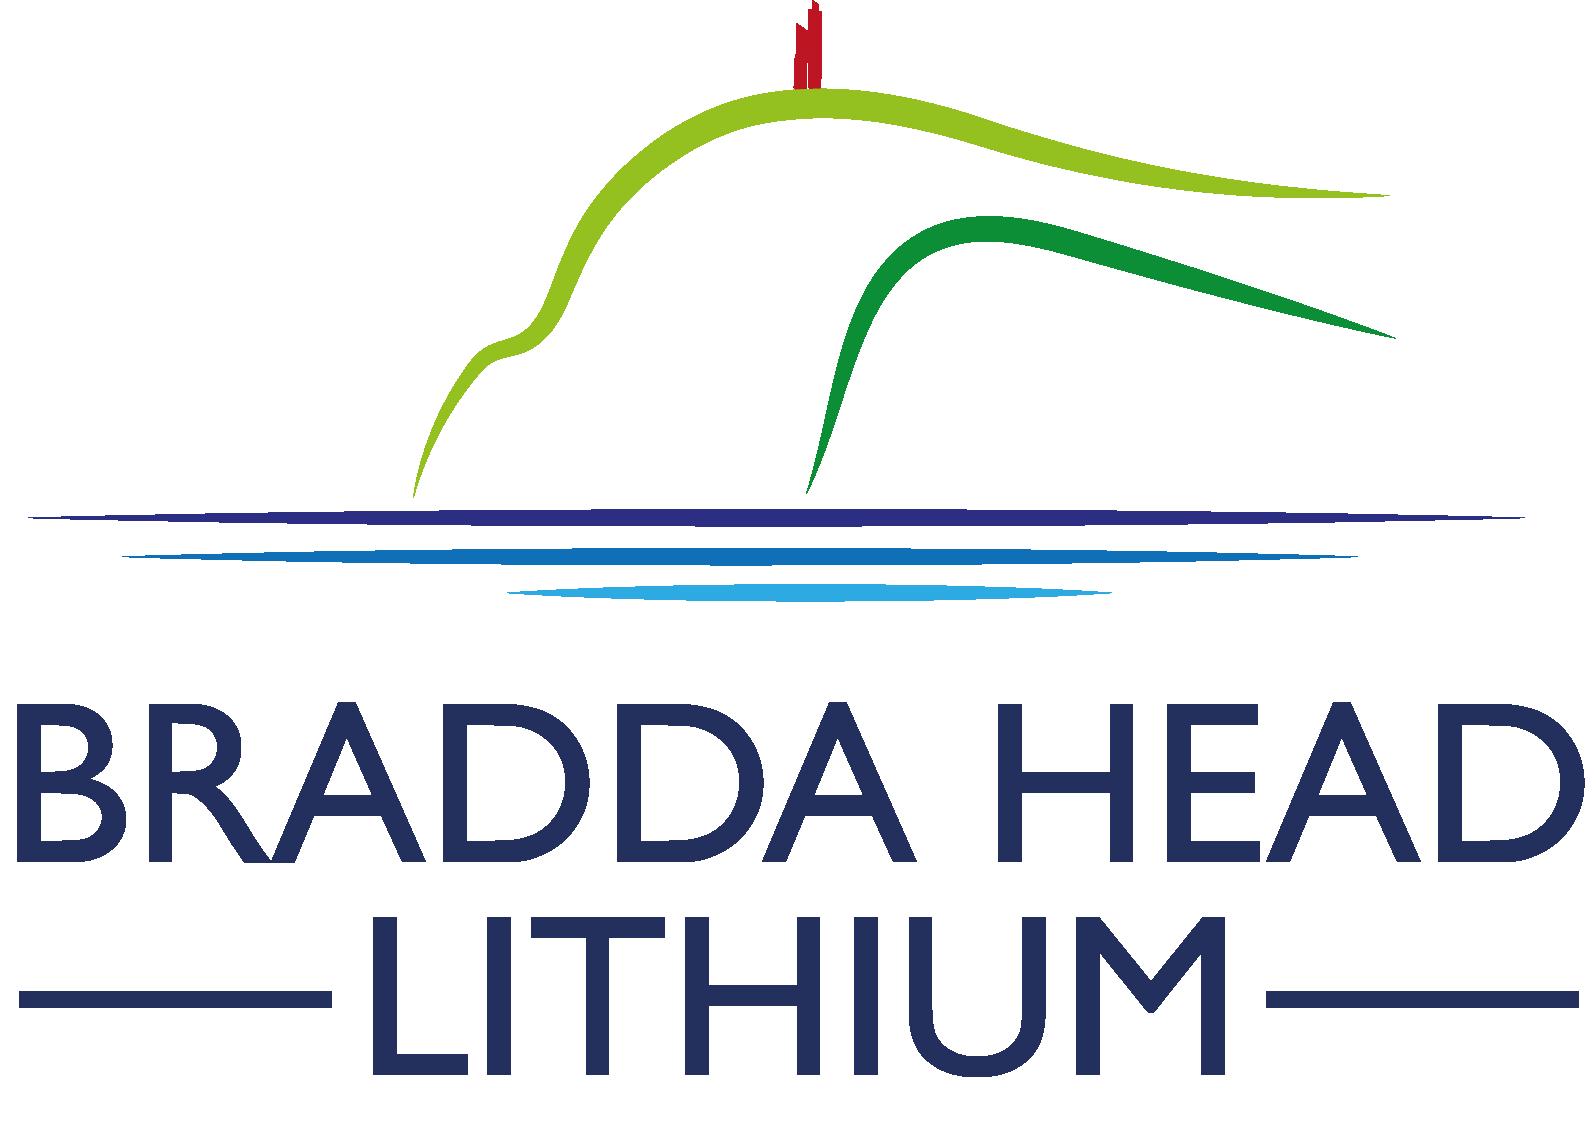 Bradda Head Lithium Limited Logo